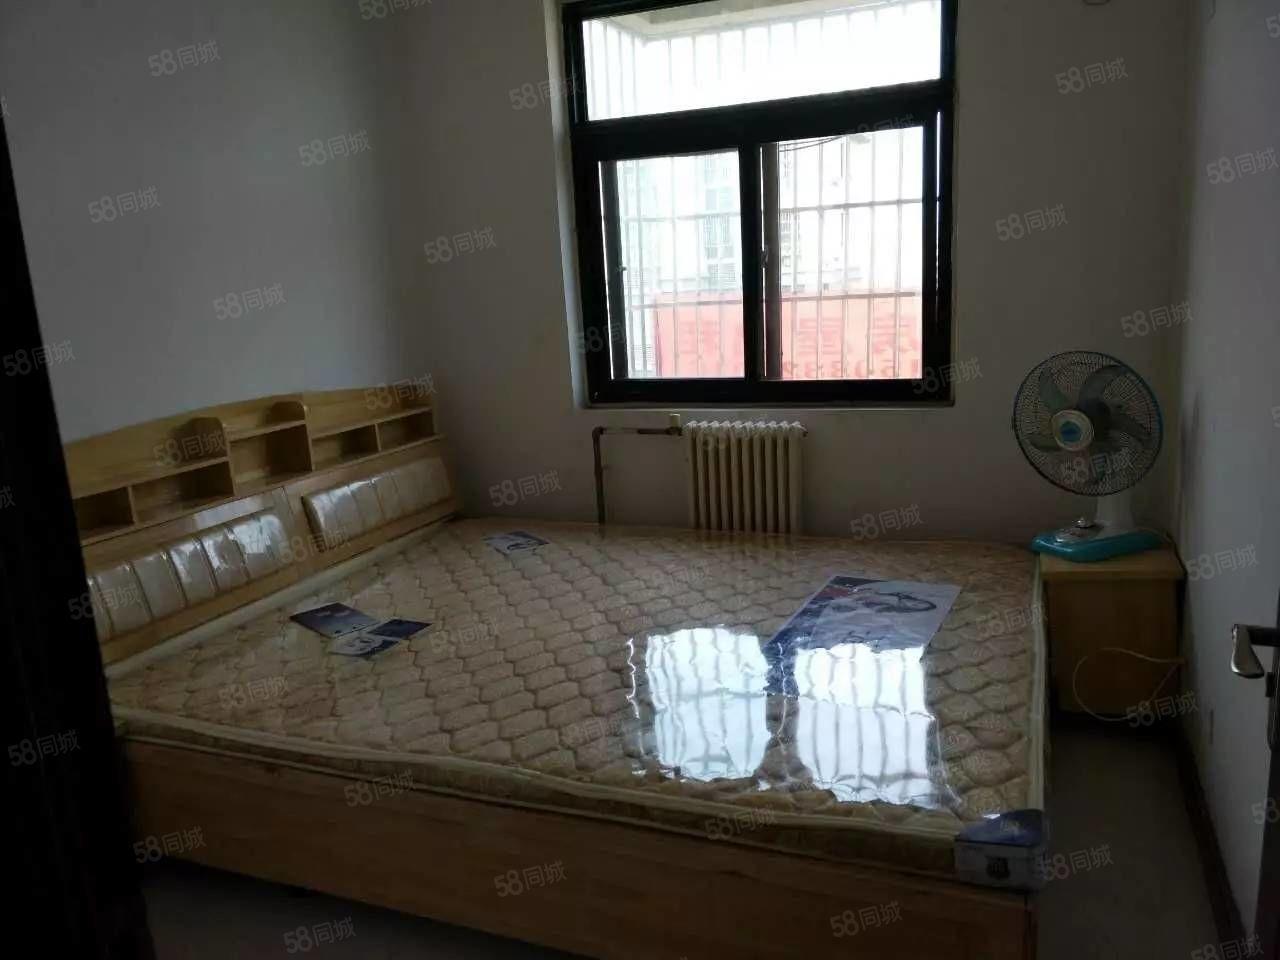 文苑小区两室,家具齐全,郑州一中对面,港区实验小学对面